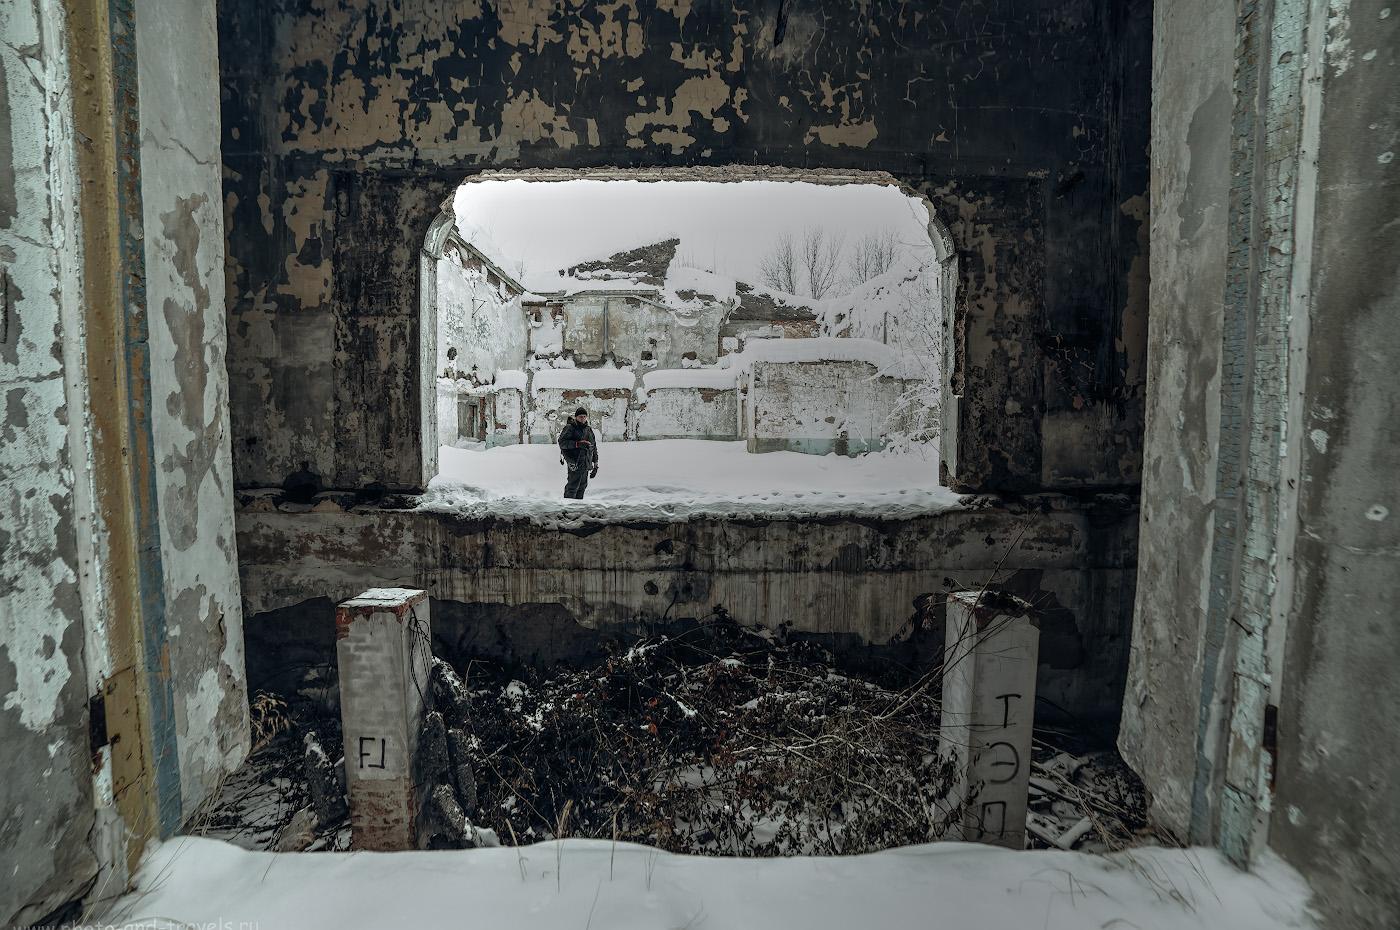 Фотография 21. Одинокий сталкер среди руин города-призрака в Пермском крае. HDR из 3-х кадров.